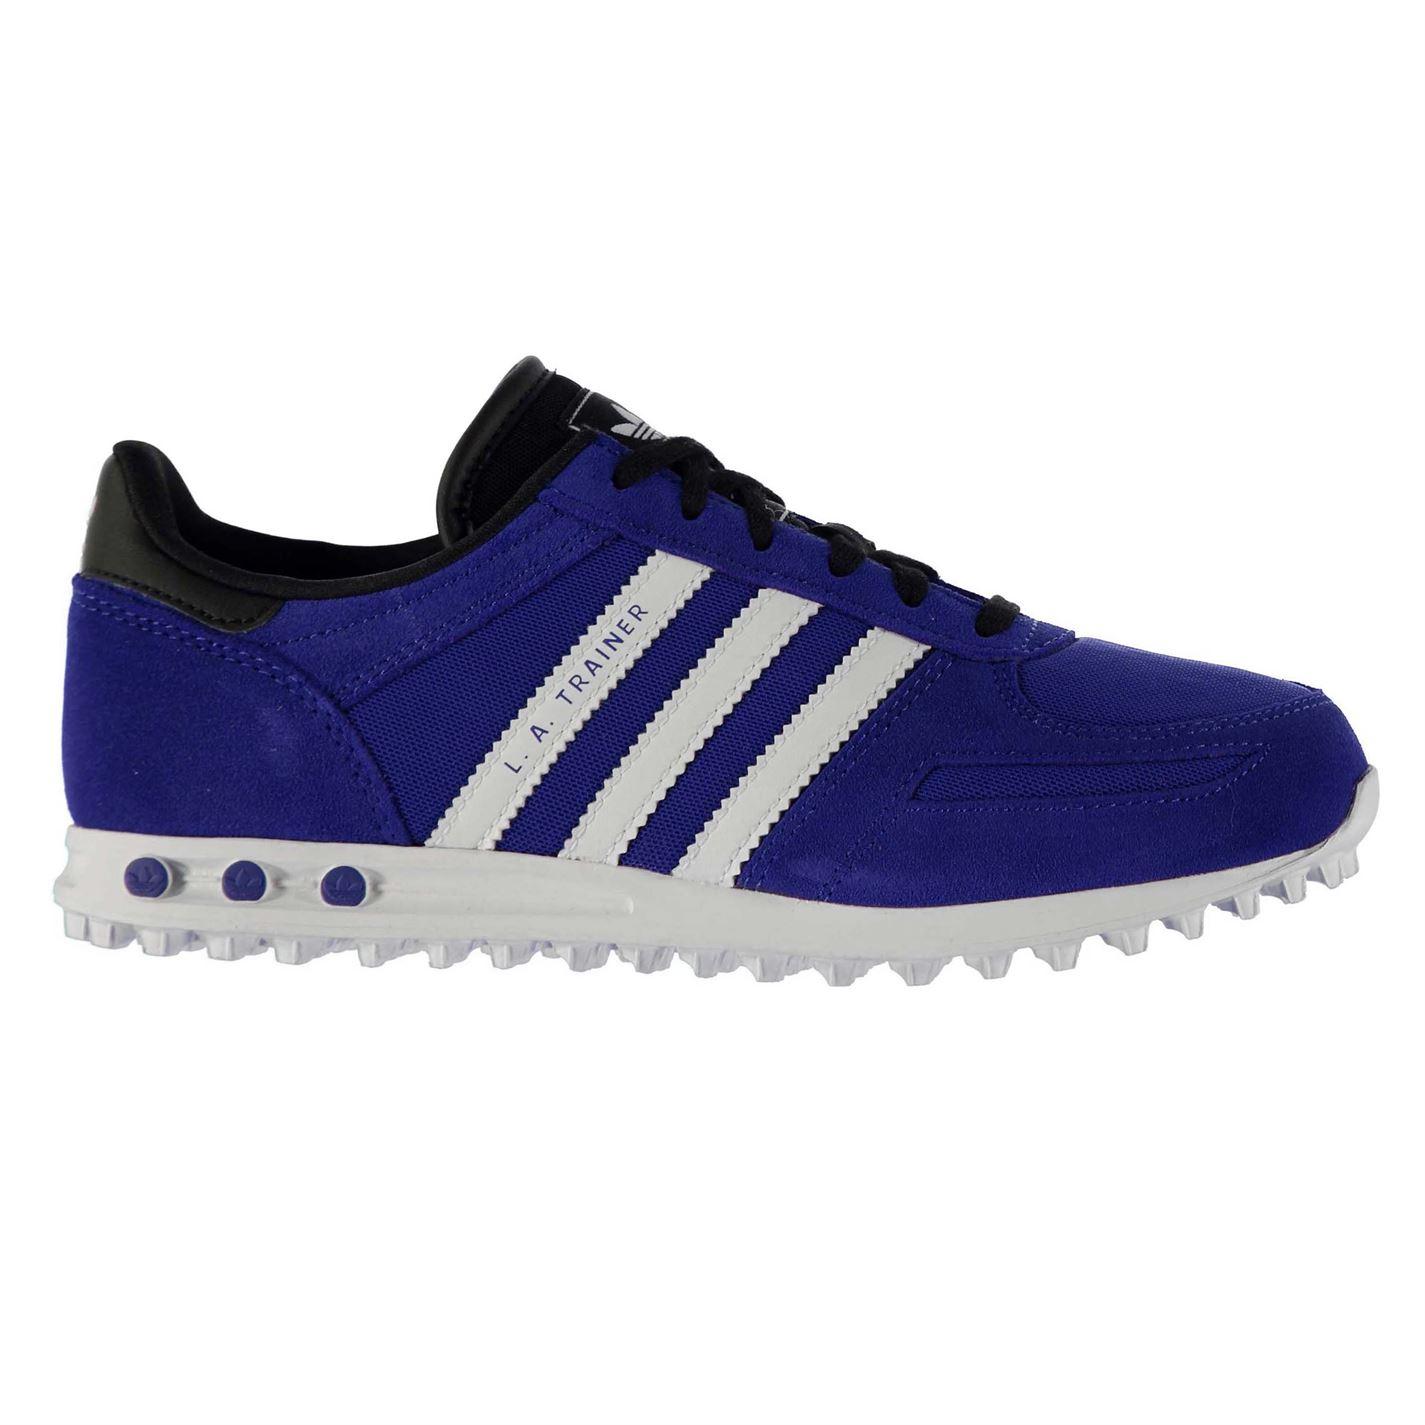 separation shoes 2fbd8 e1055 adidas Originals LA Trainer Jn54